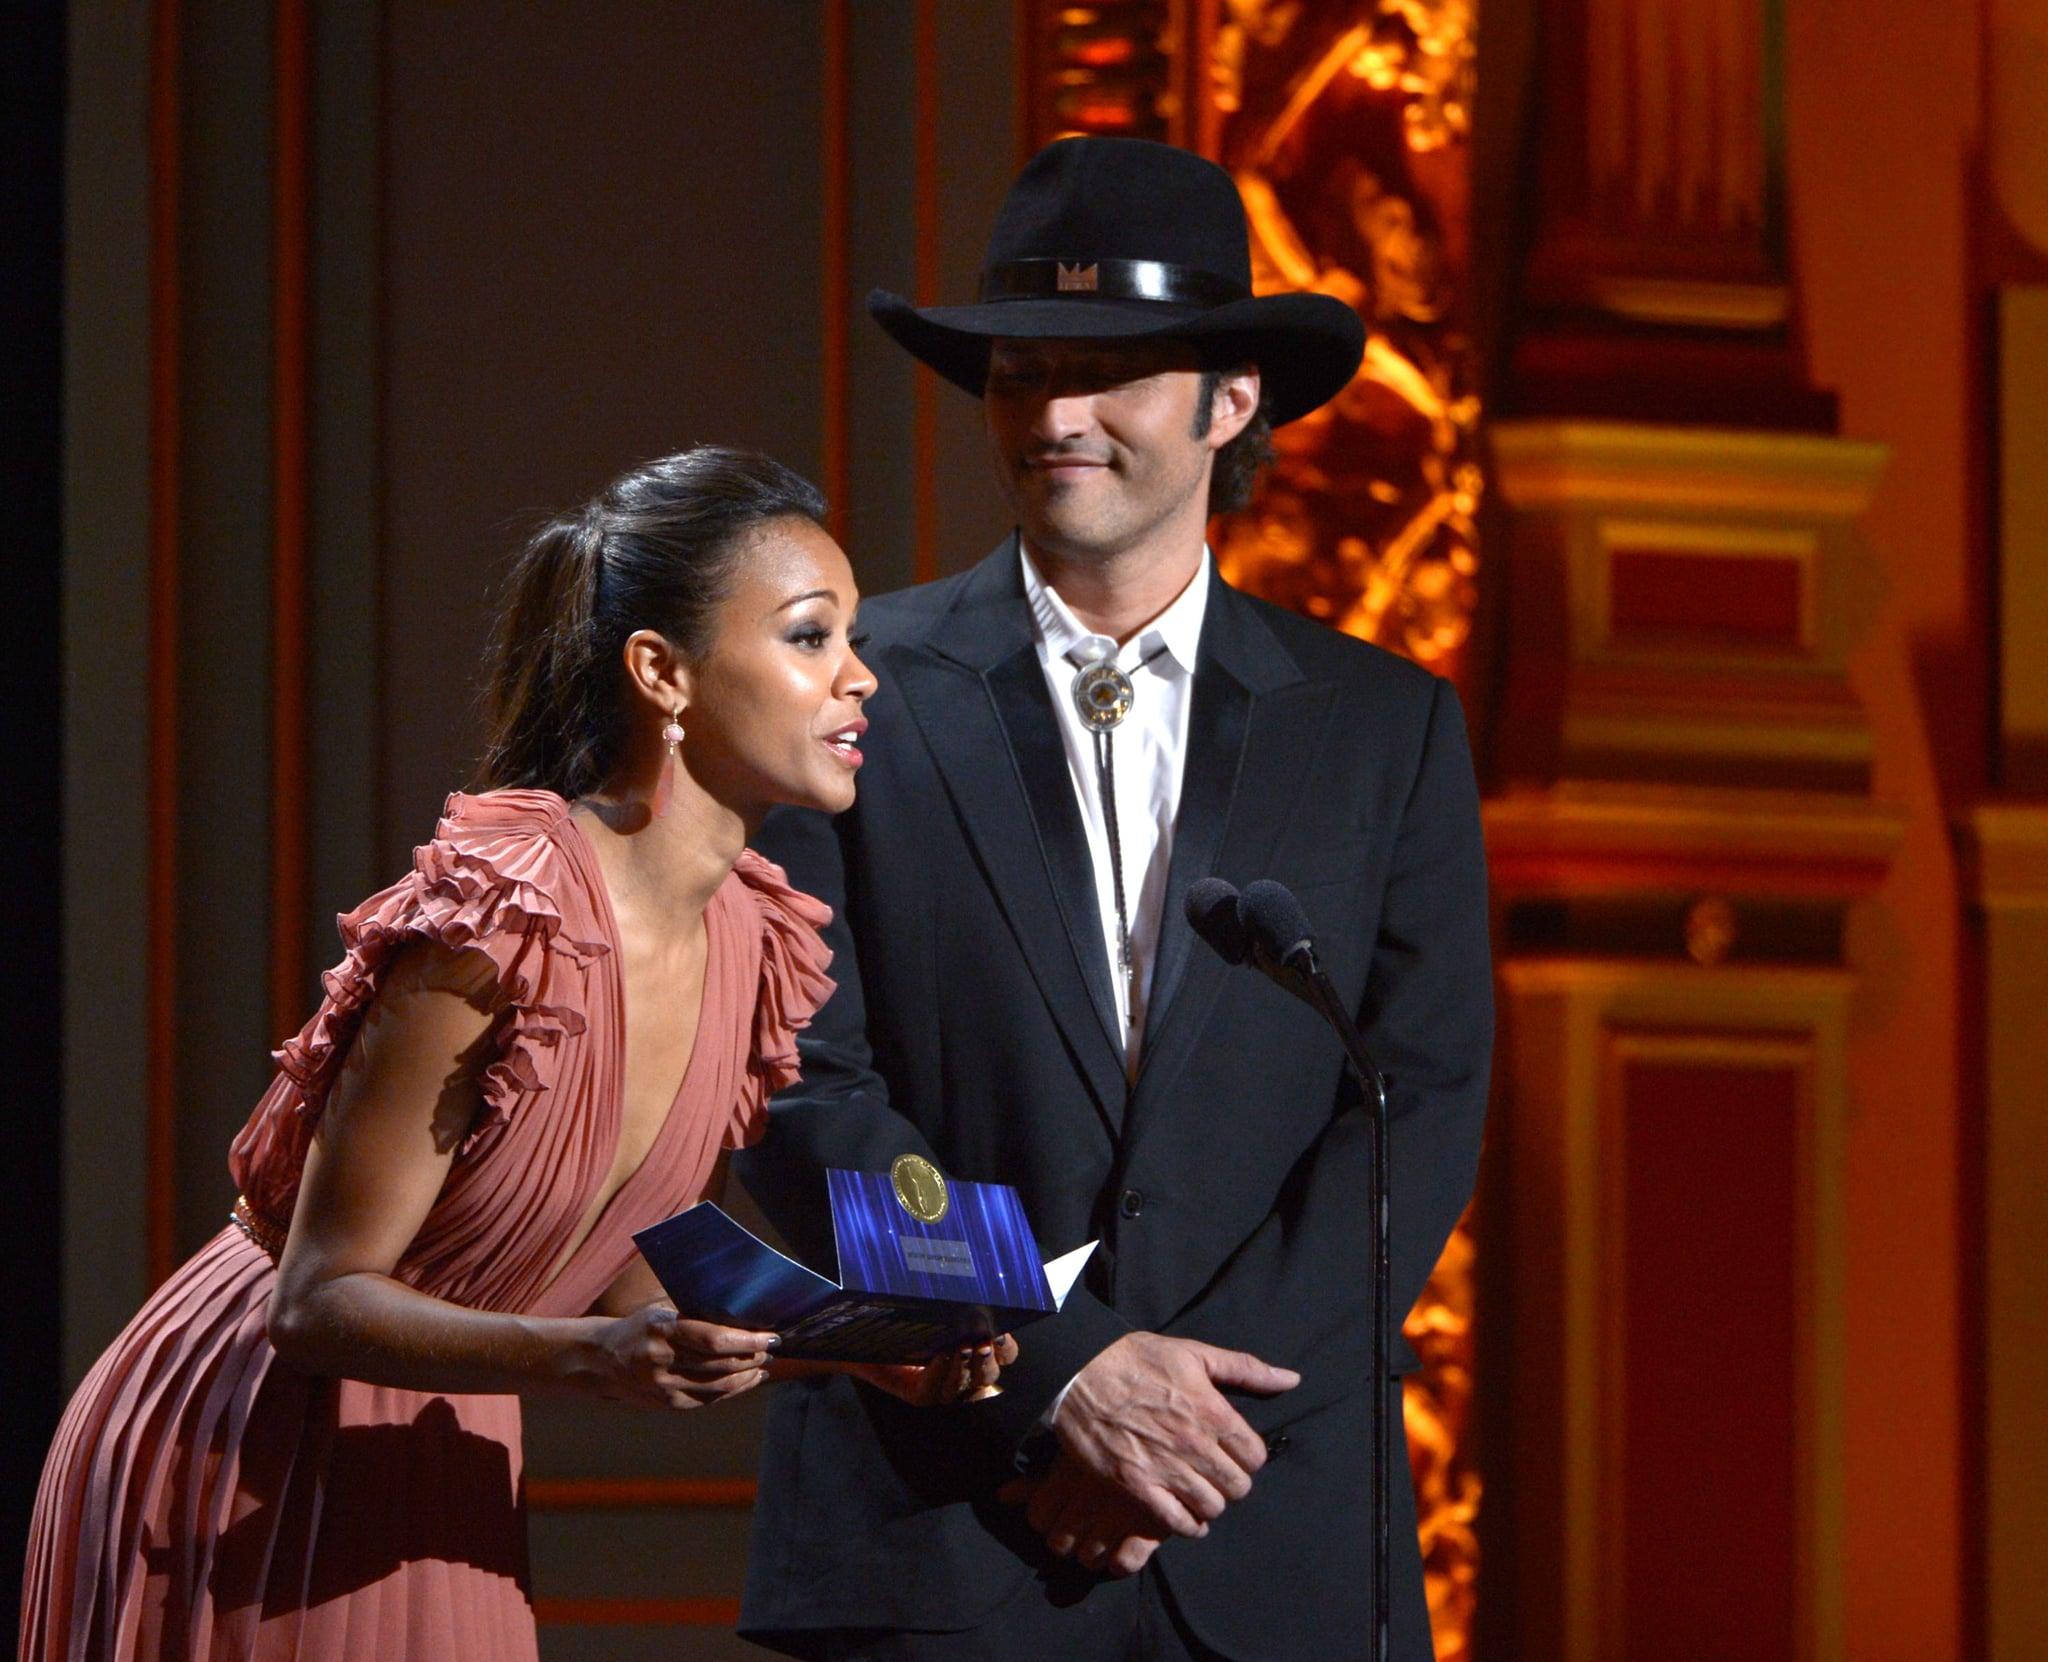 Zoe Saldana presented an award with Robert Rodriguez.